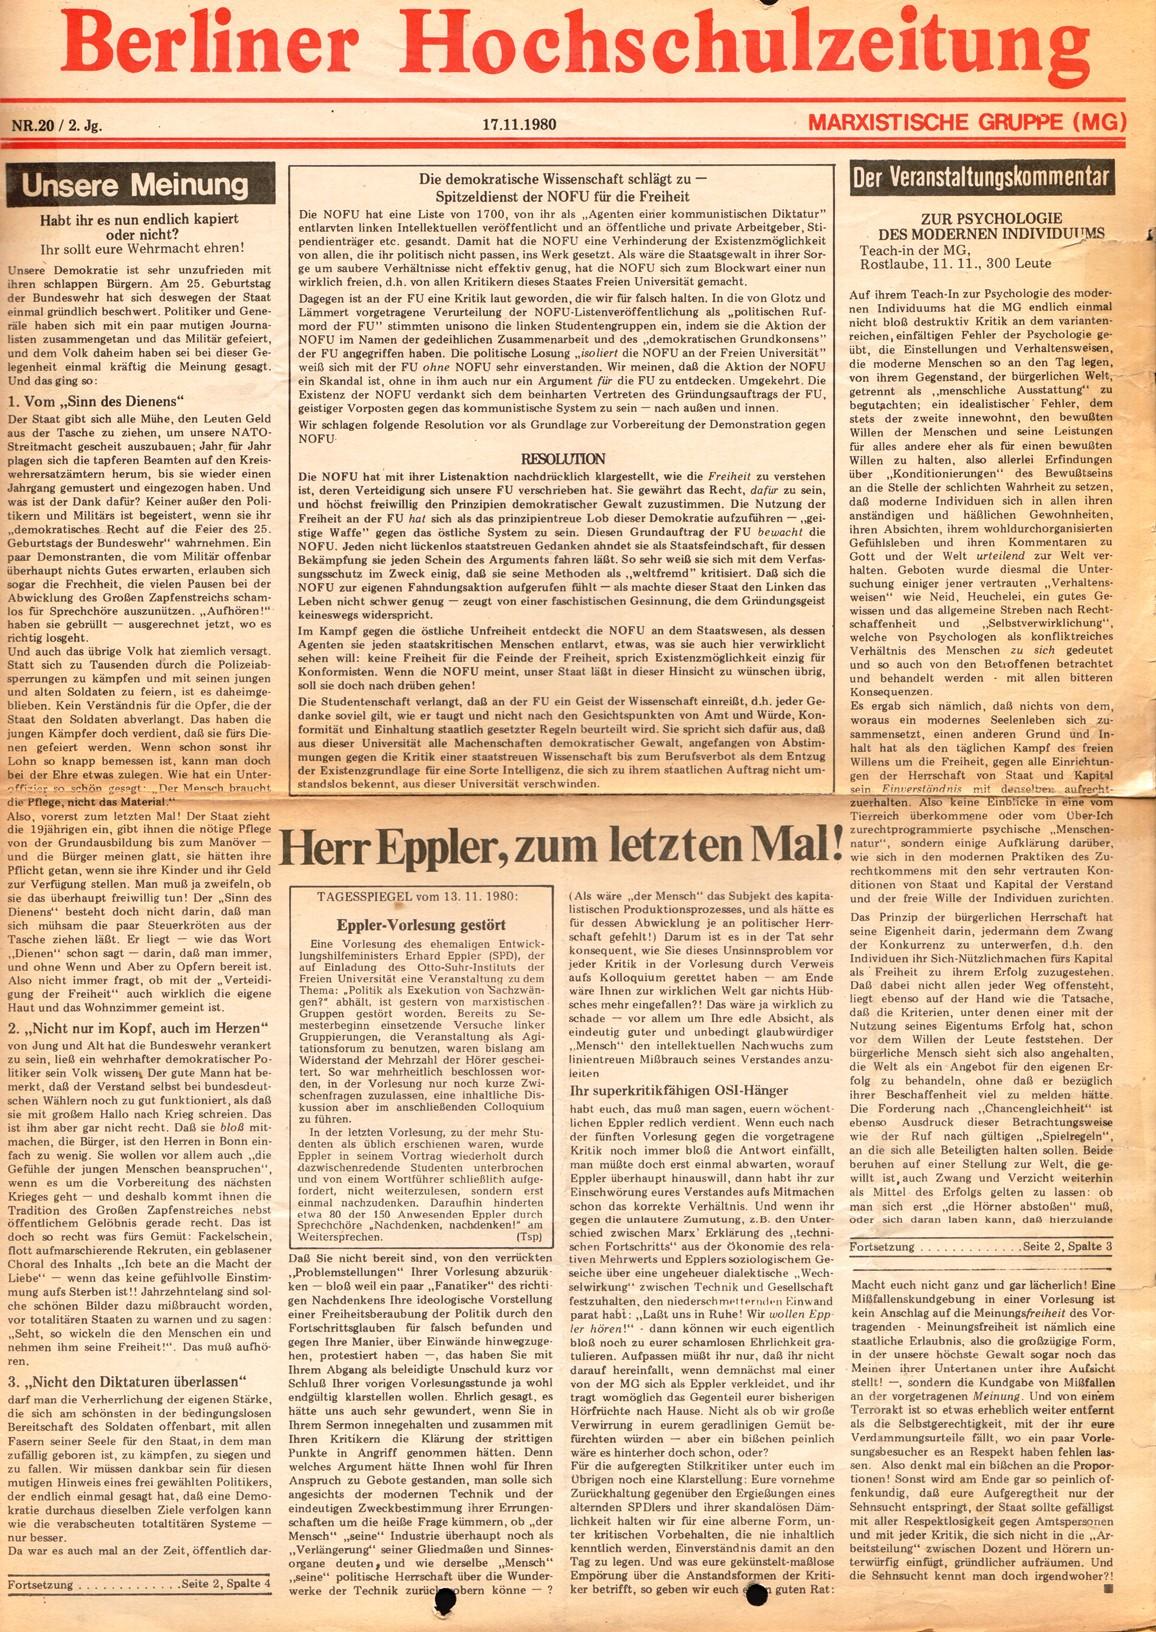 Berlin_MG_Hochschulzeitung_19801117_01